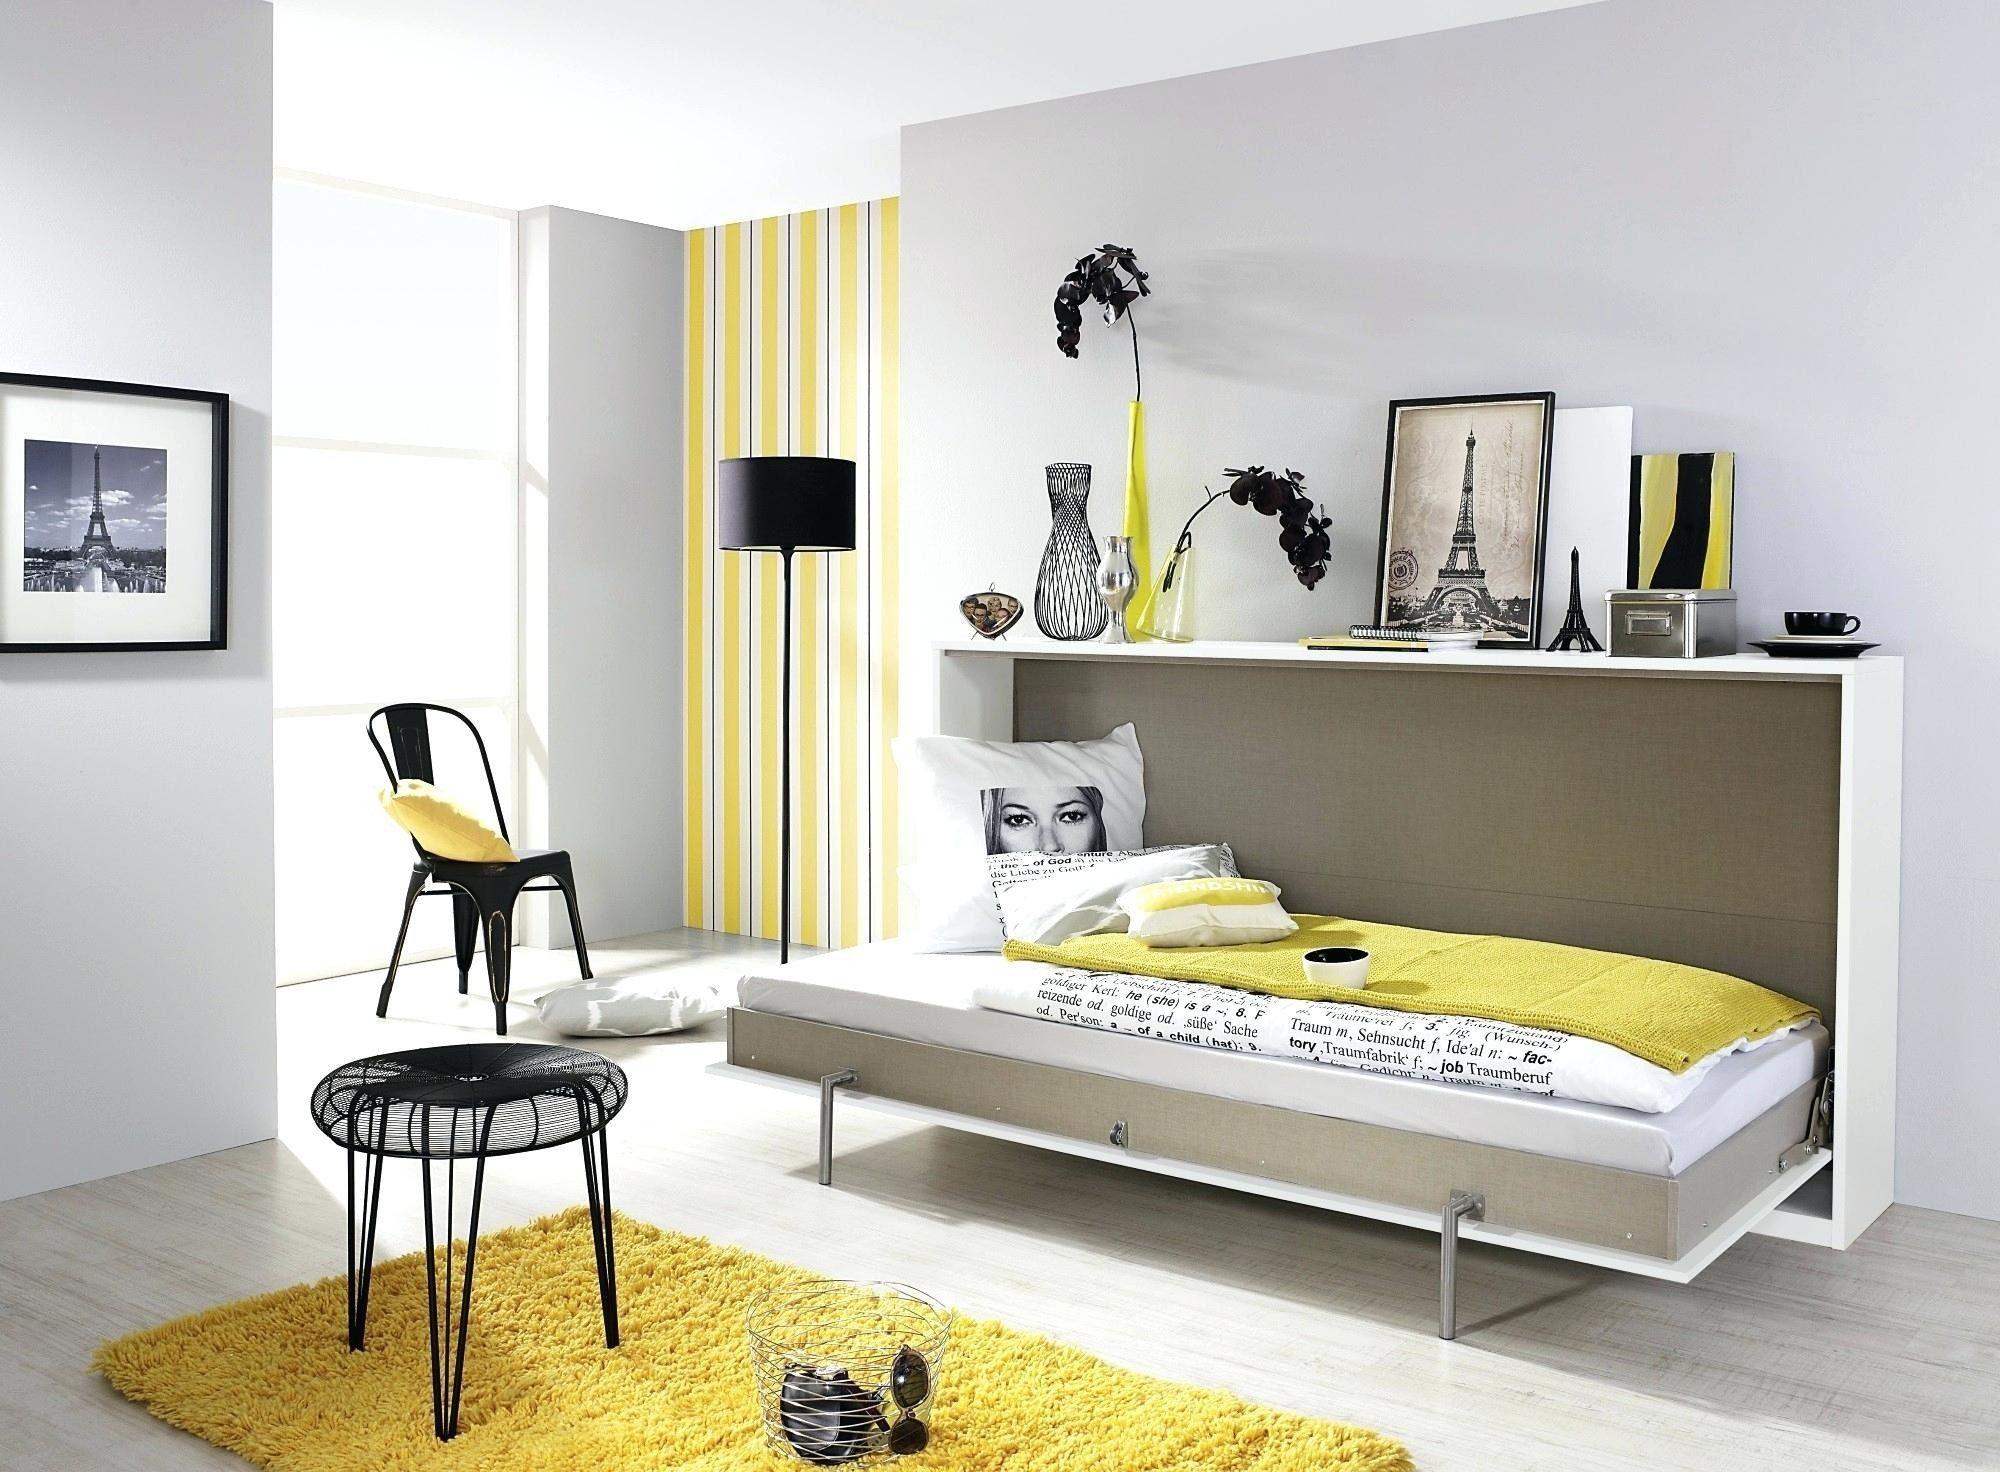 Lit Bz Ikea Nouveau Ikea Maroc Fauteuil Lit 1 Personne Nouveau Bz 2 Places Cheap Ikea U